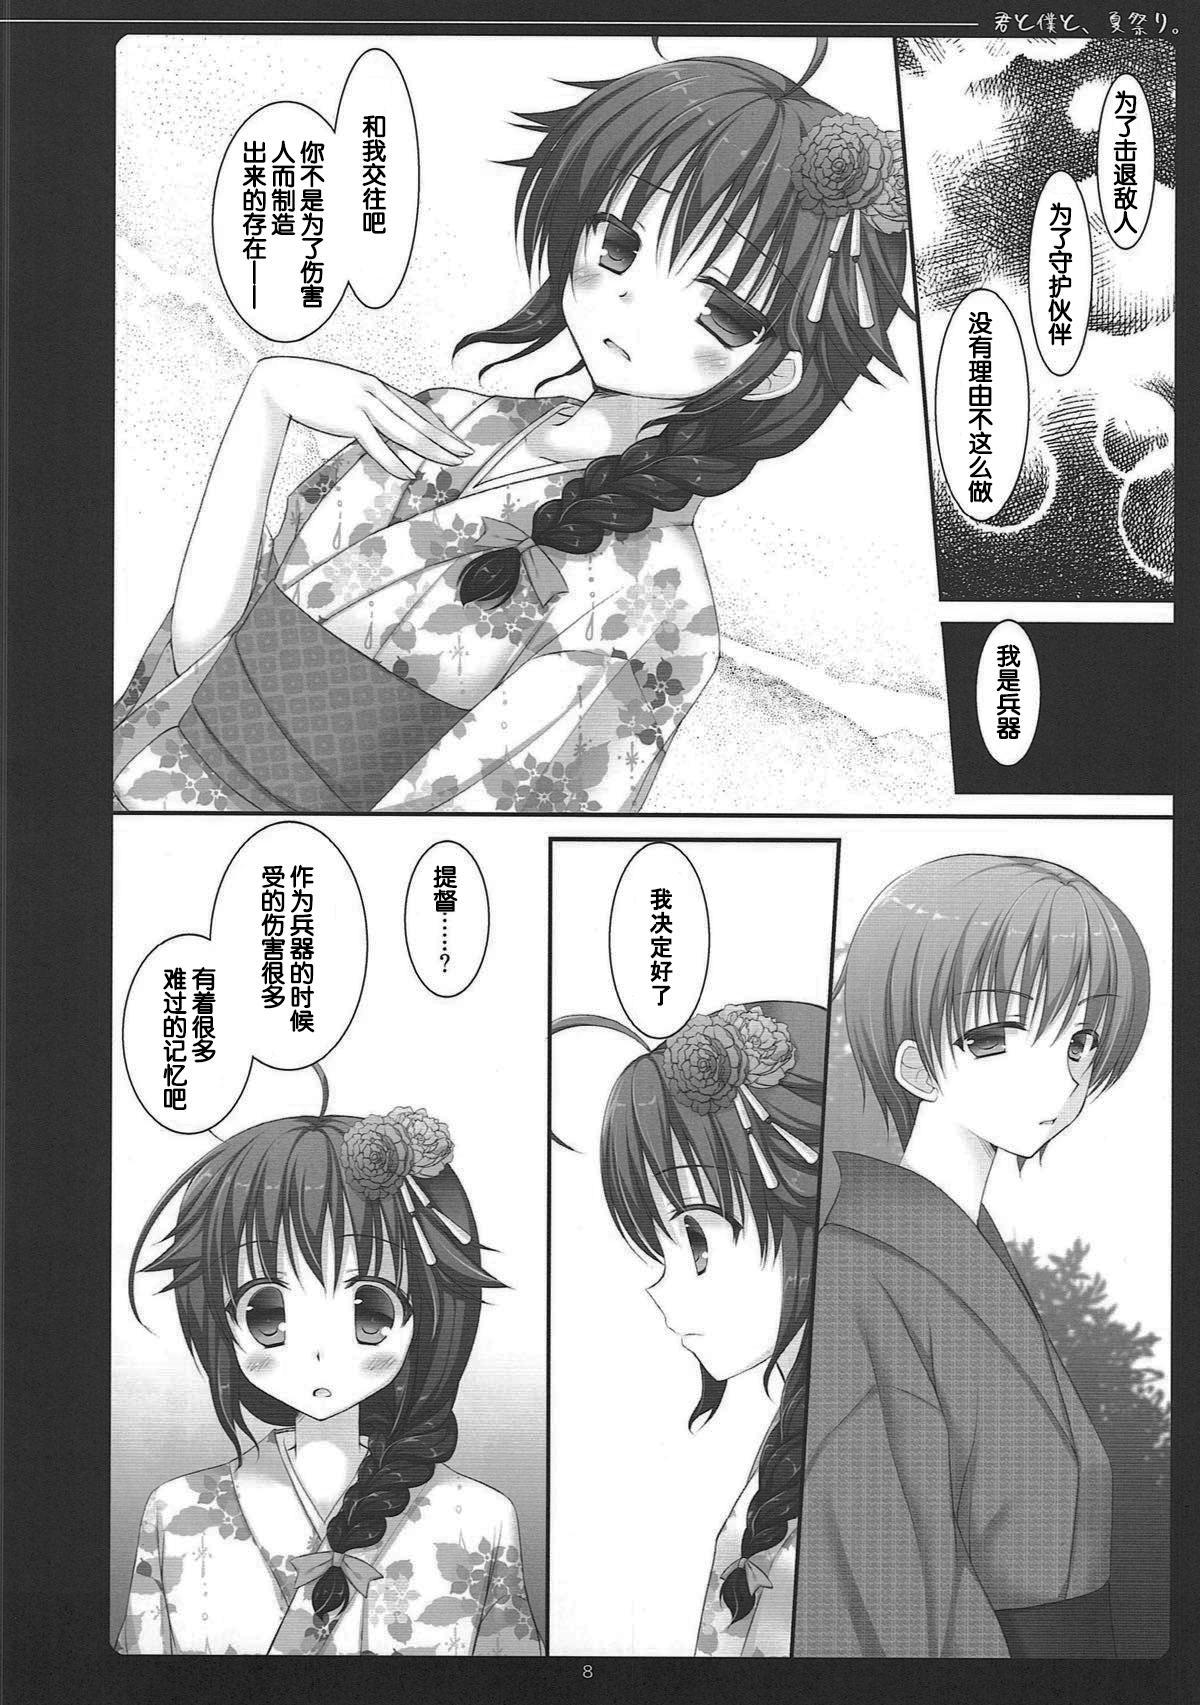 Kimi to Boku to, Natsumatsuri. 7